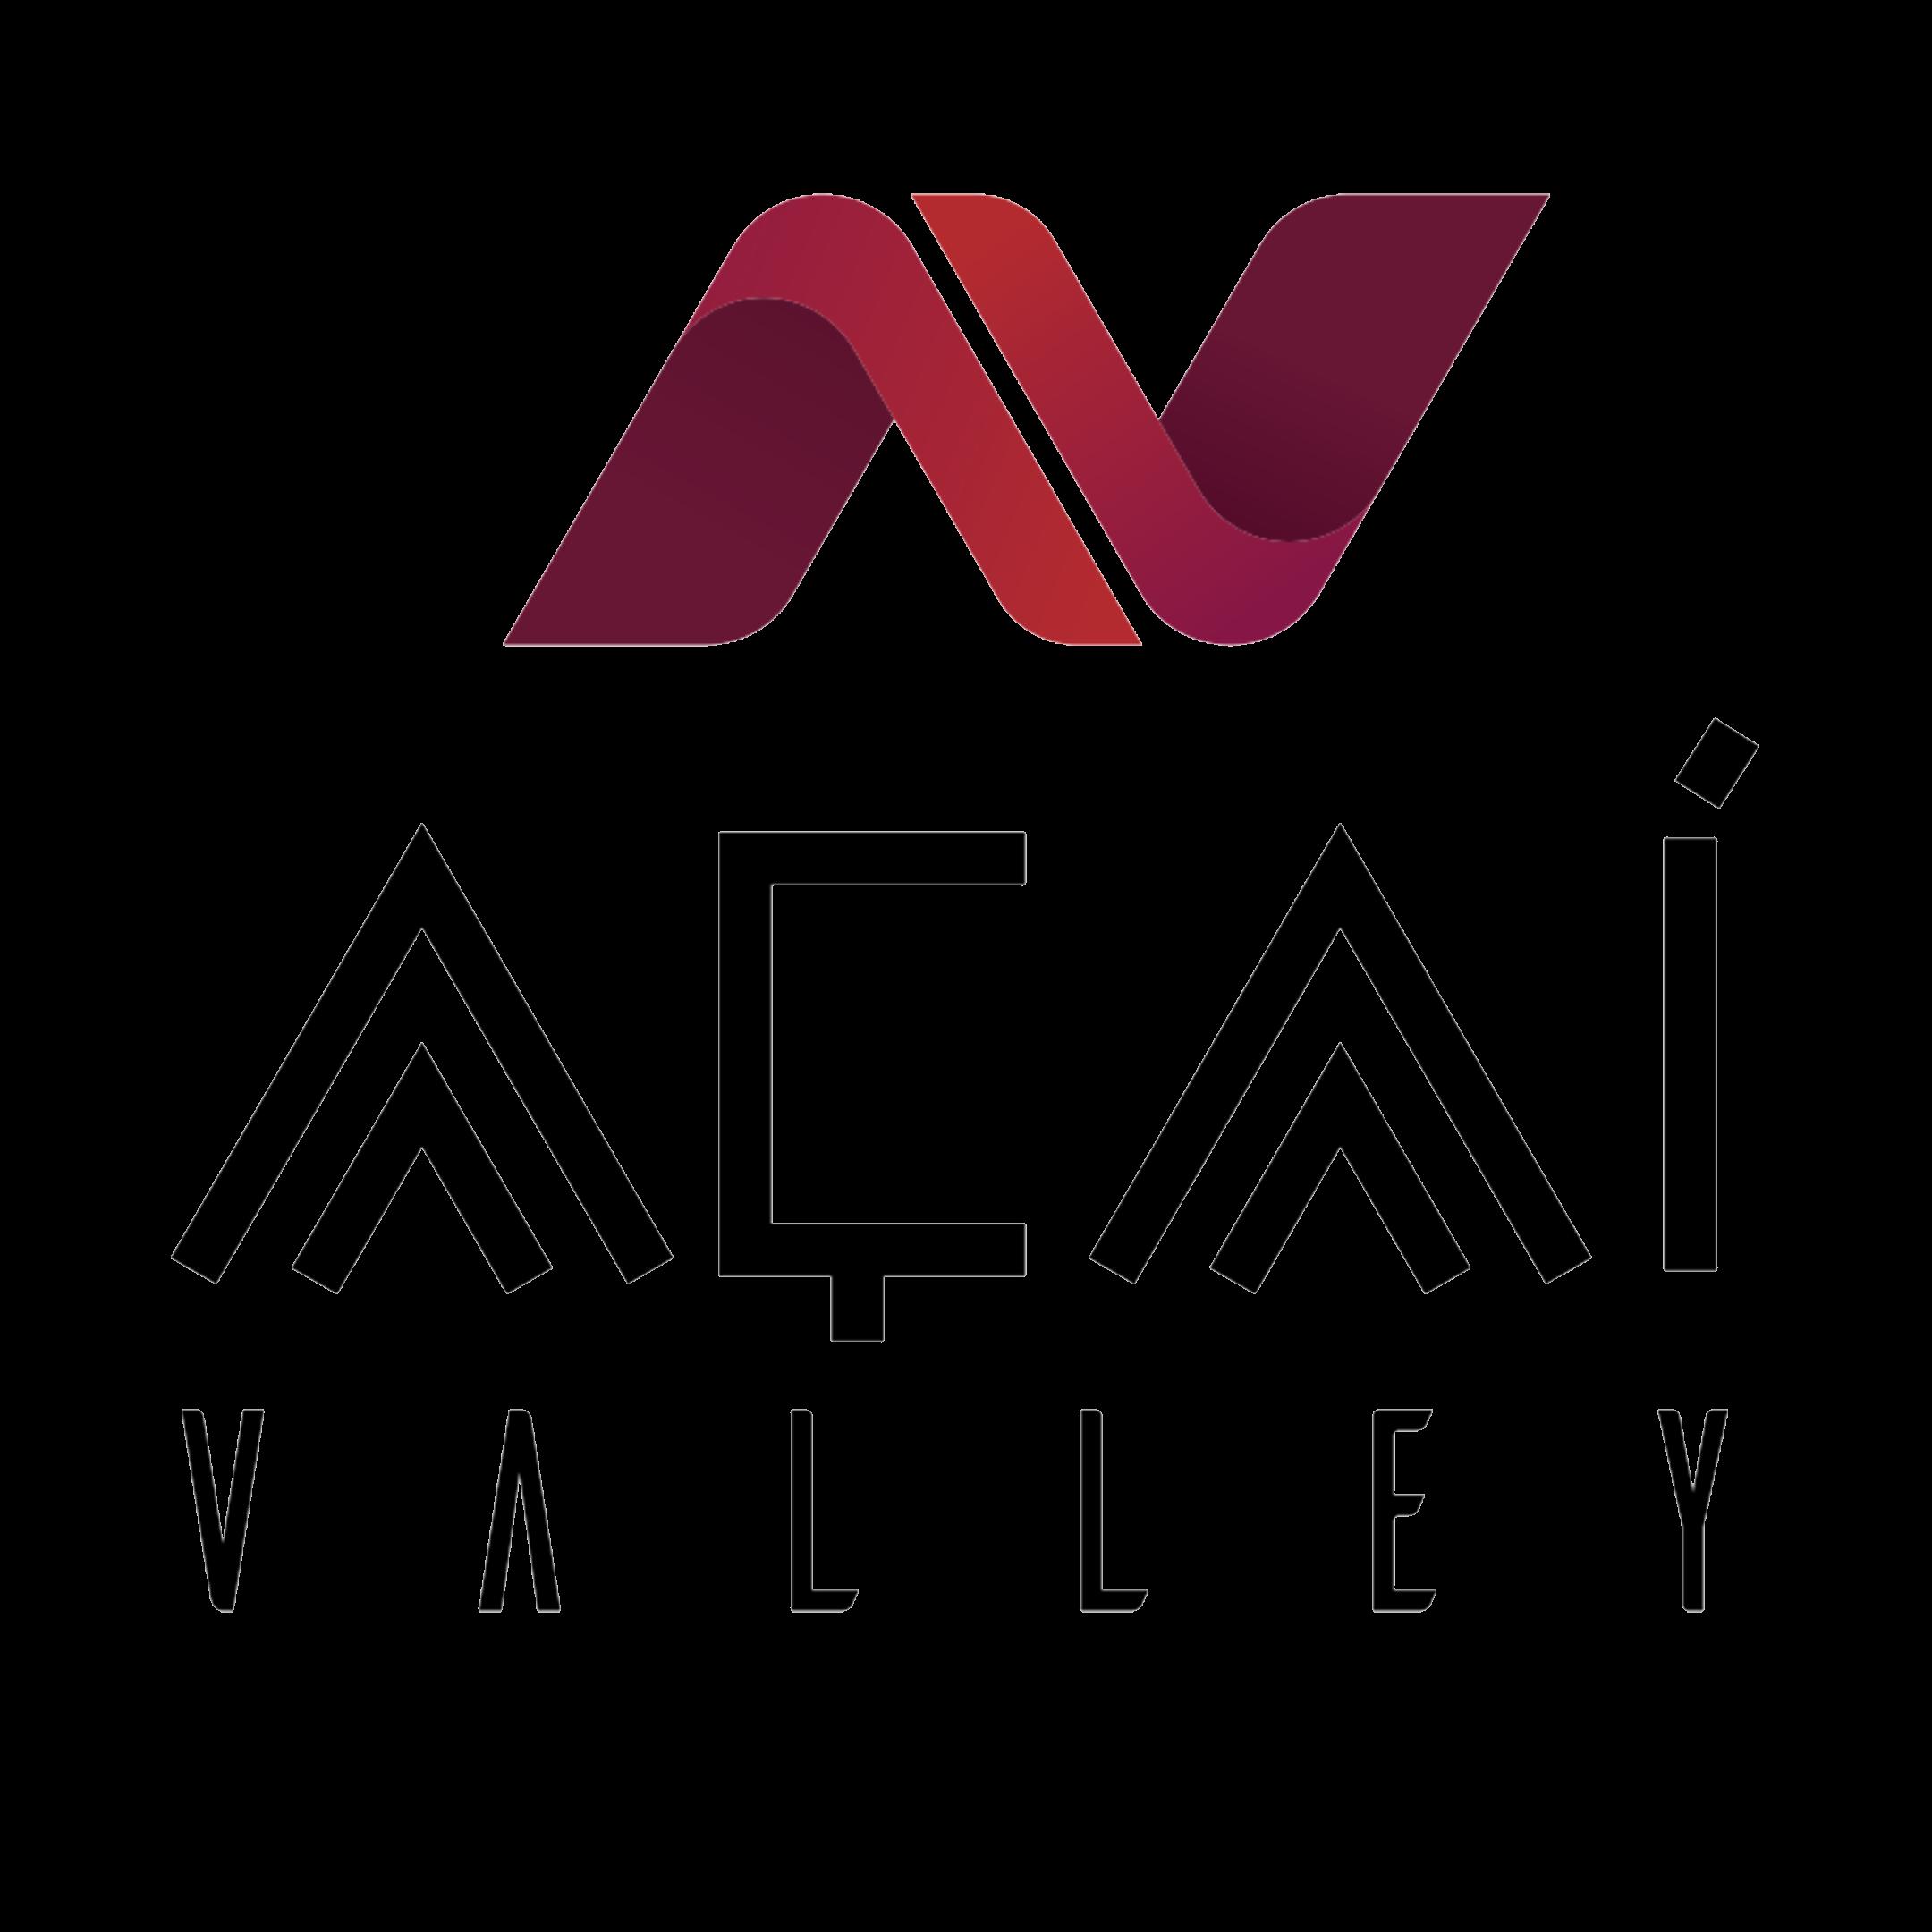 AçaíValley_Norte_ApoioCiclo1